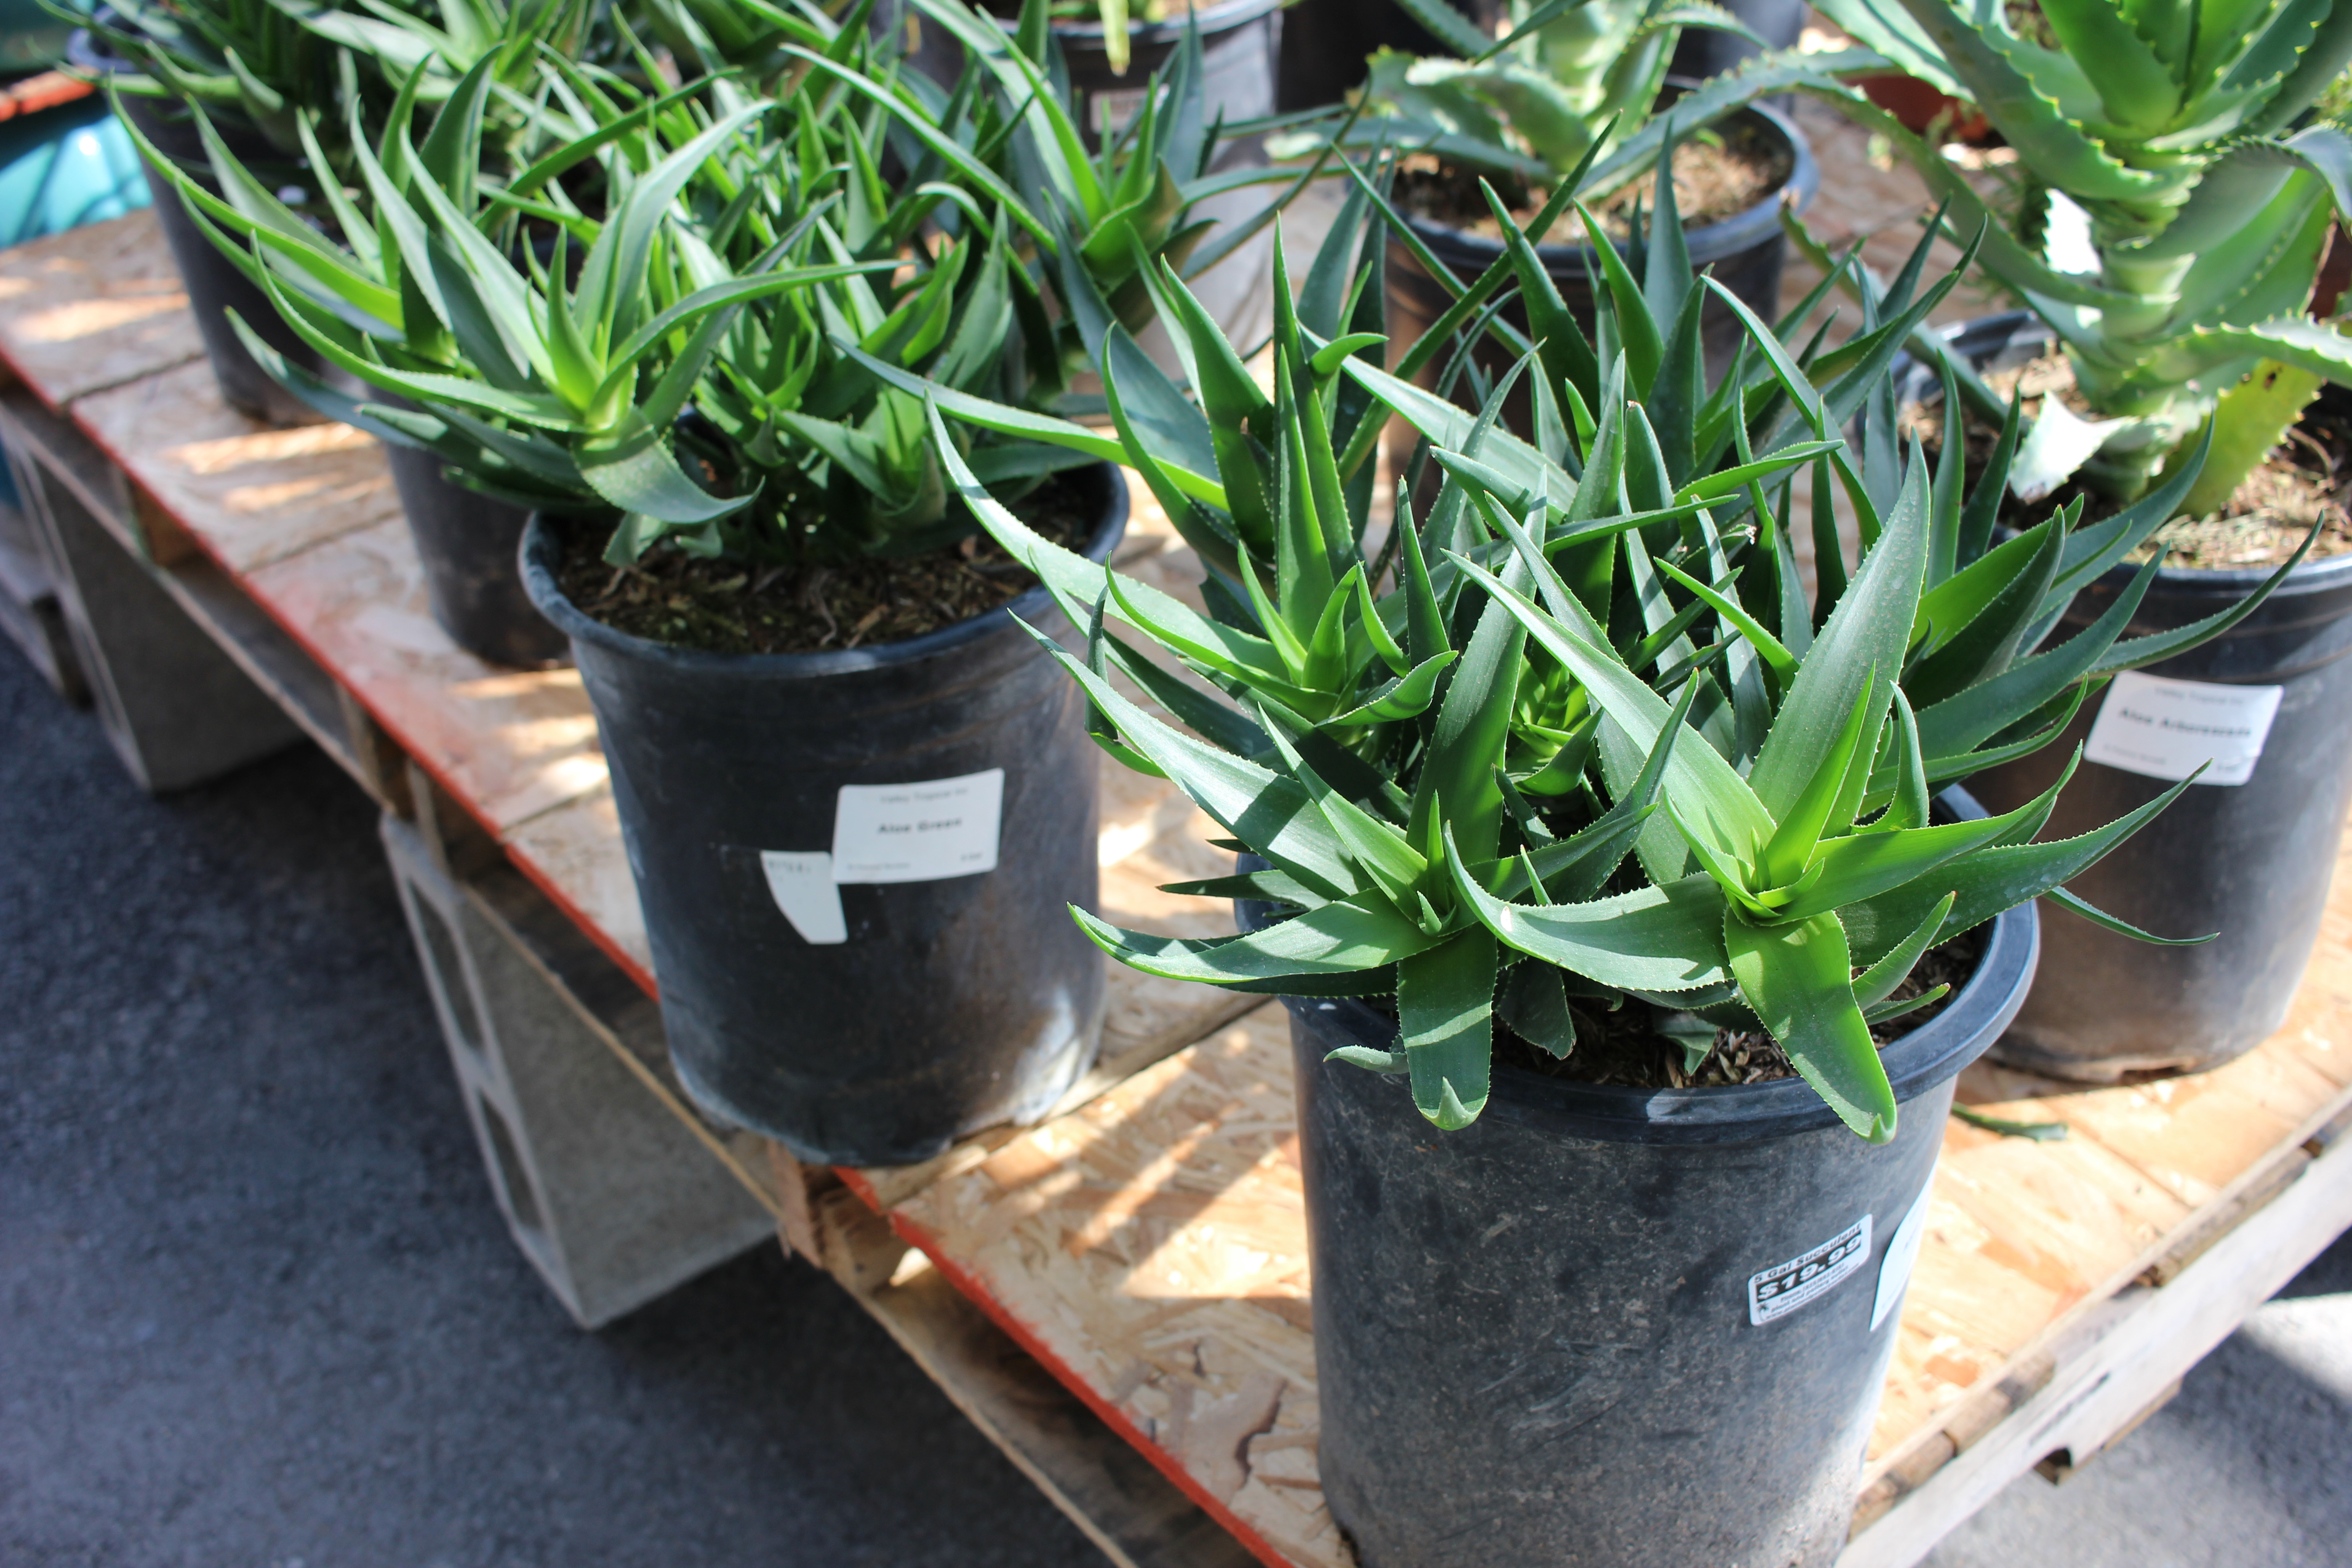 Aloe 'Green'